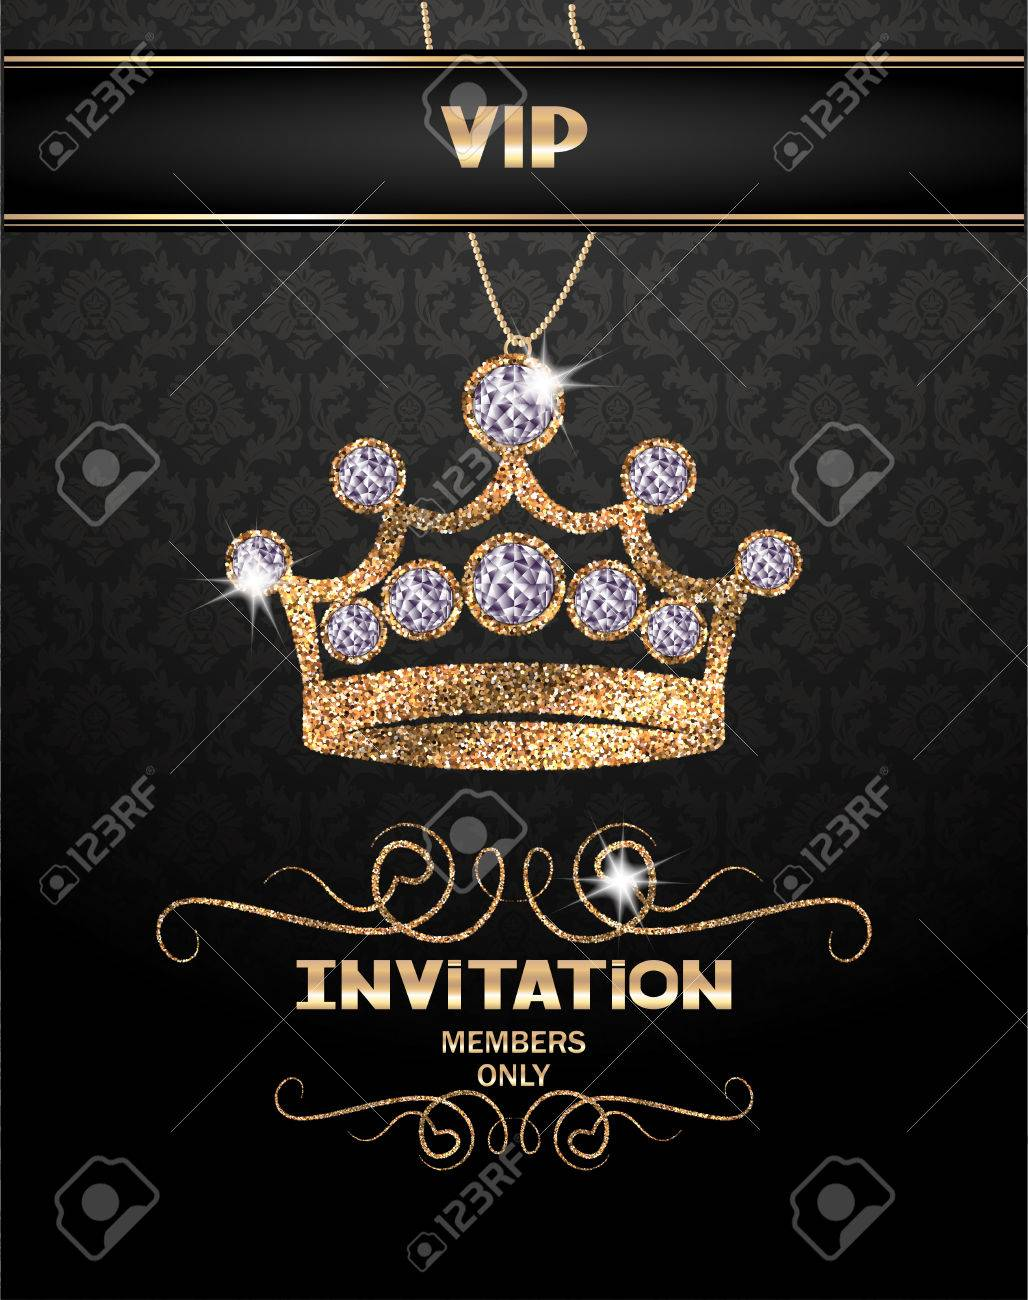 Tarjeta De Invitación Vip Con La Corona Chispeante Abstracto Con Los Diamantes